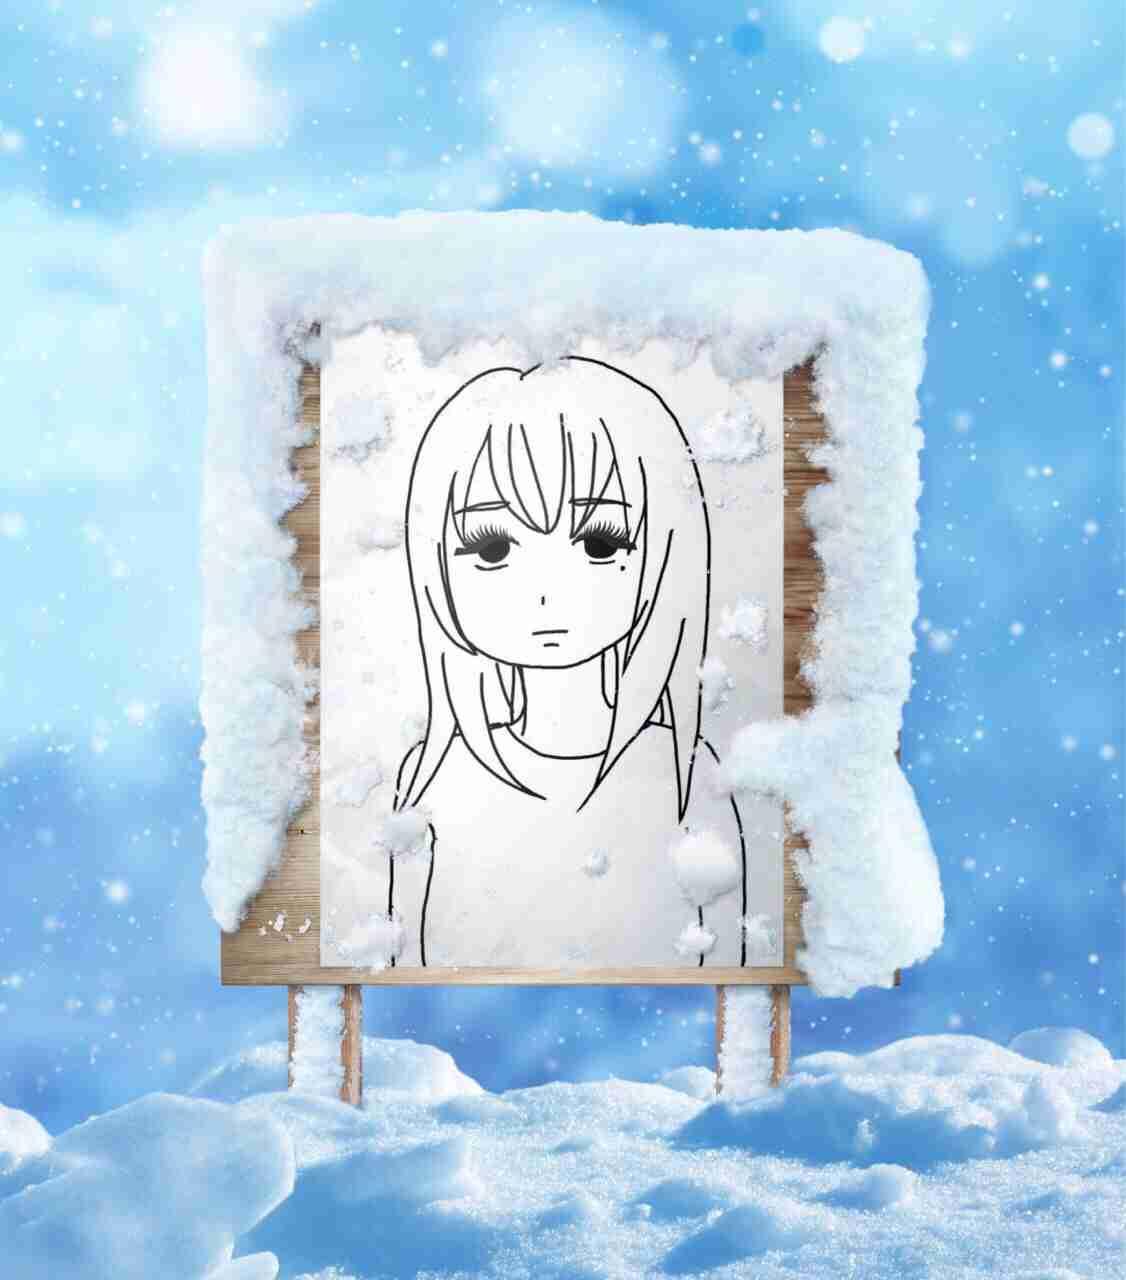 【冷たい人】の特徴